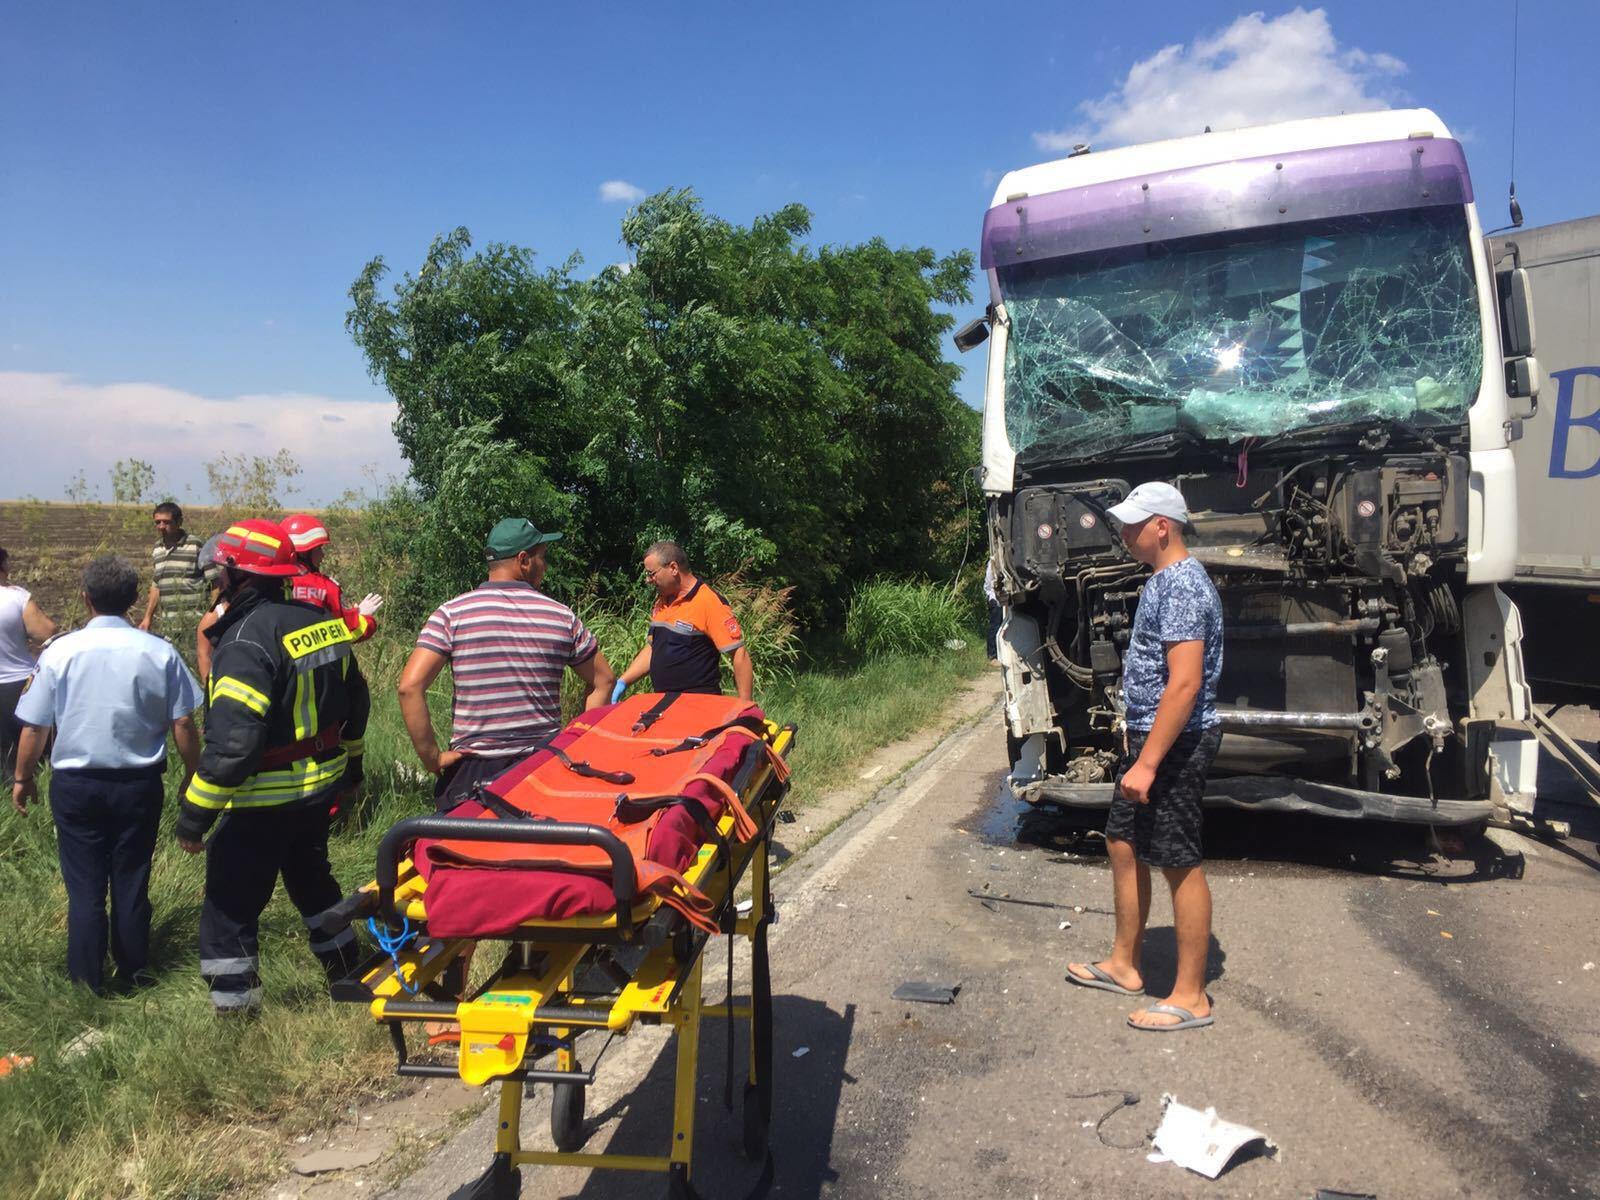 Circulaţie îngreunată pe DE70, judeţul Teleorman, în urma unui accident între două maşini şi un TIR